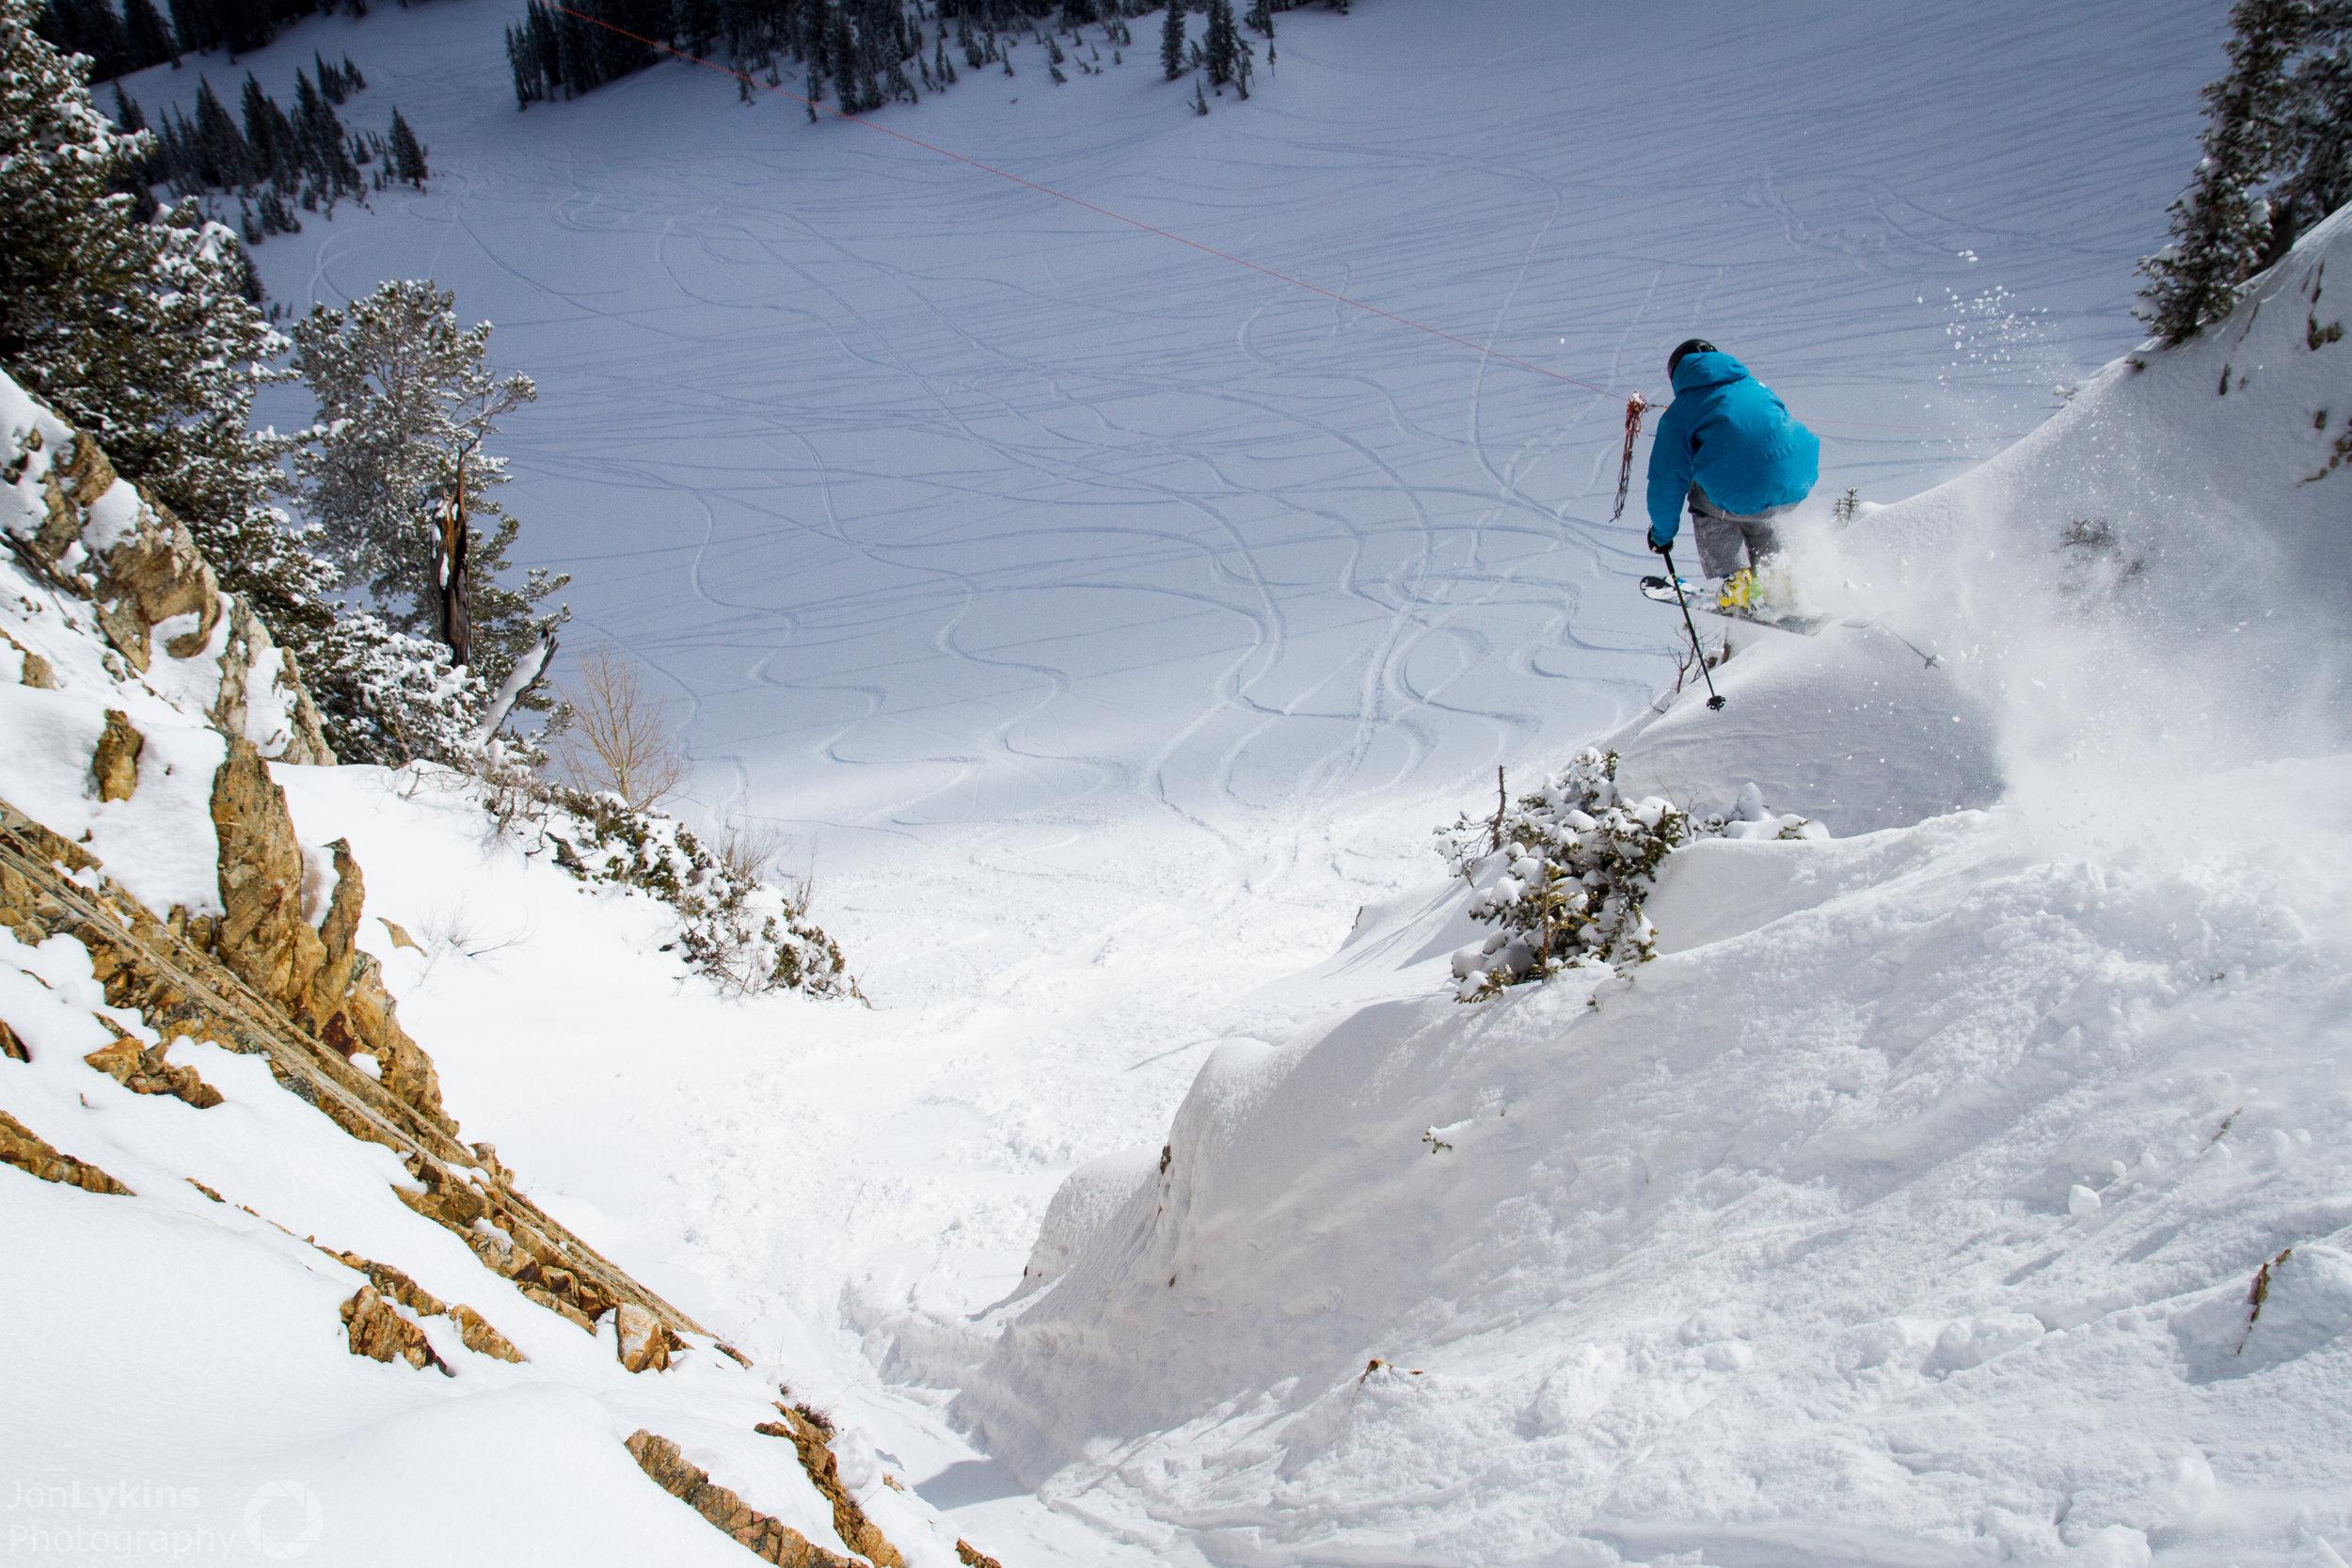 Photo: Jon Lykins // Location: Snowbird, UT